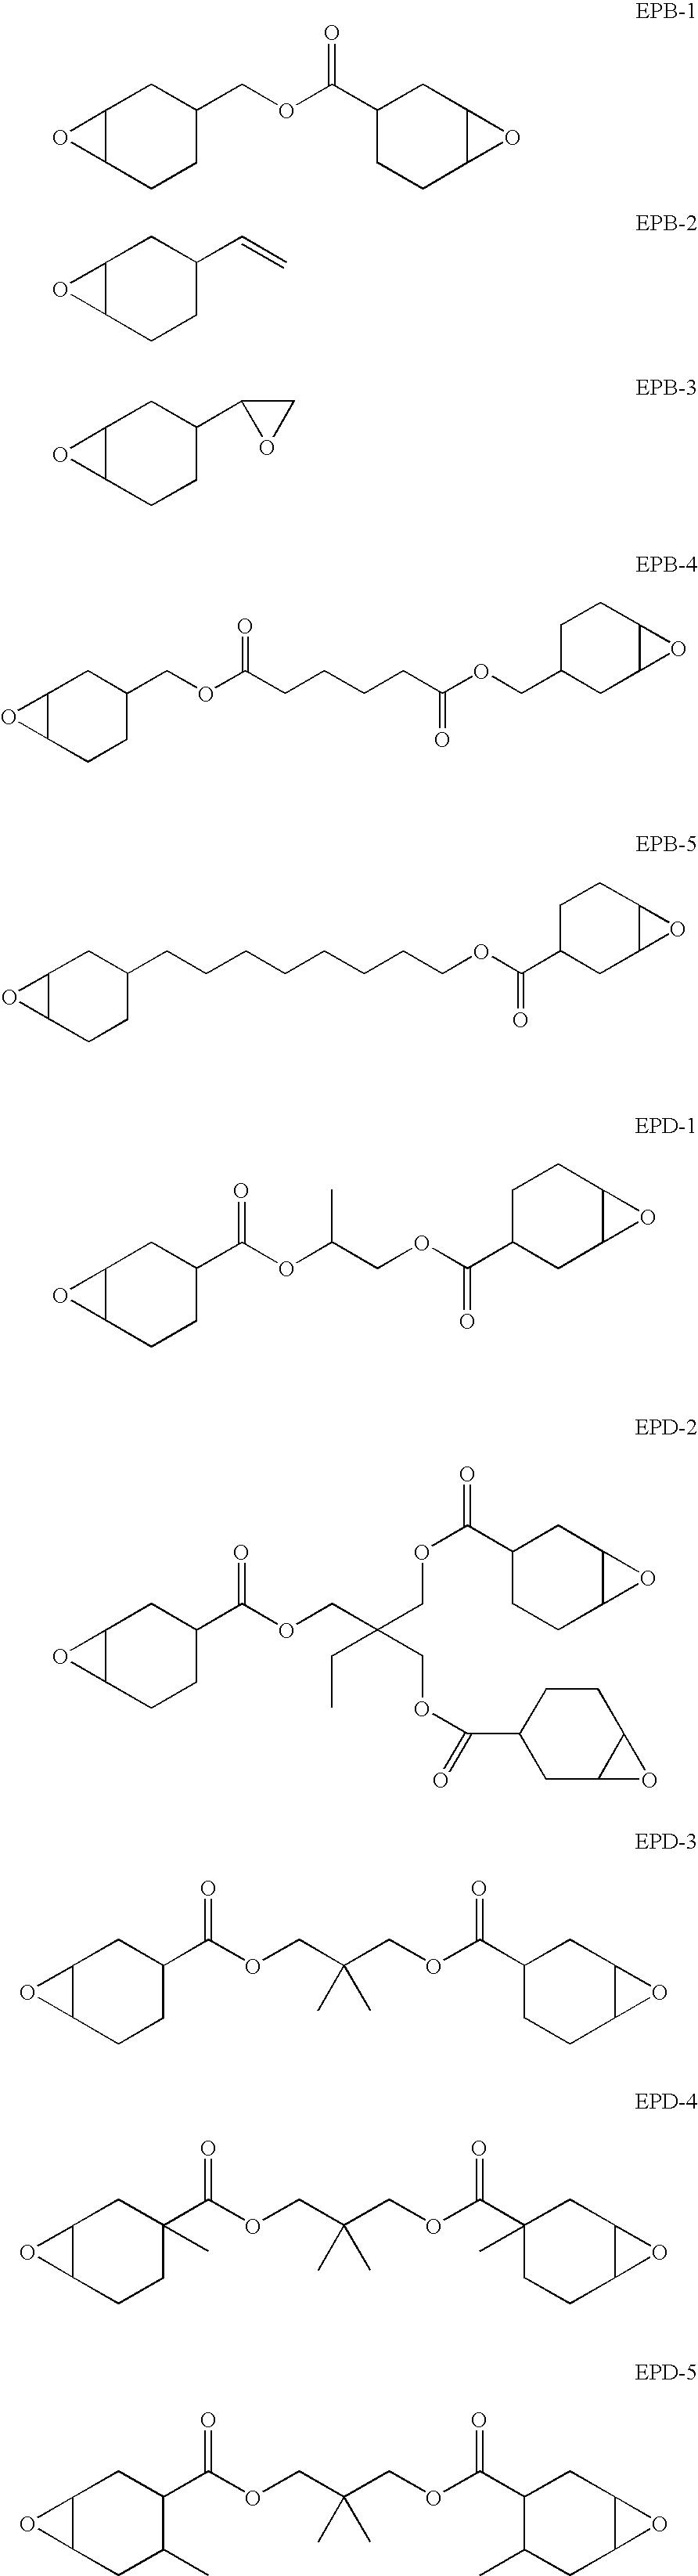 Figure US20050196697A1-20050908-C00007